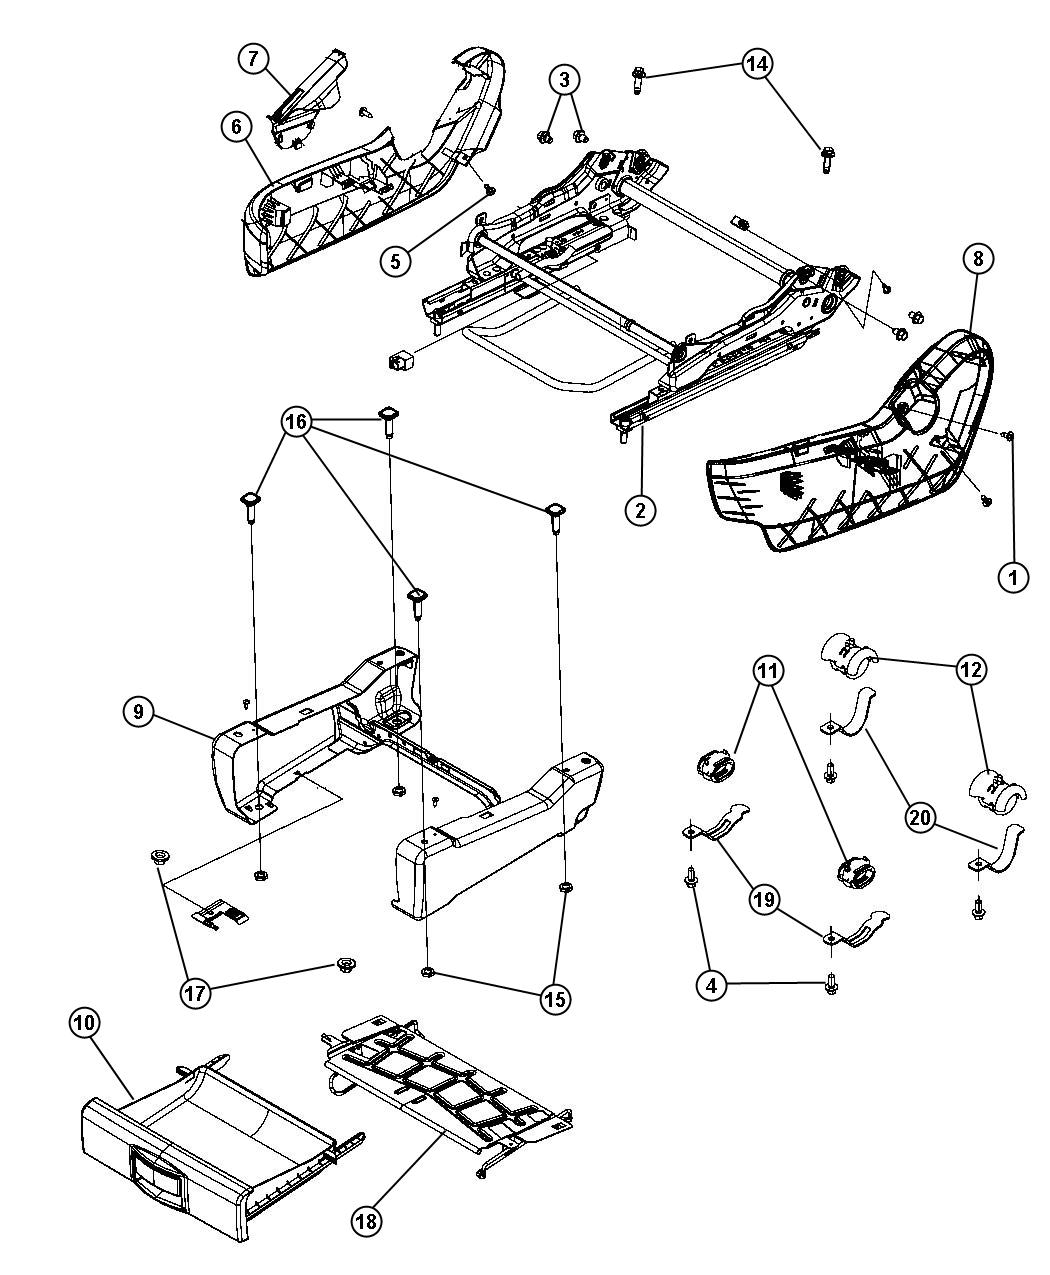 Dodge Grand Caravan Shop Manual